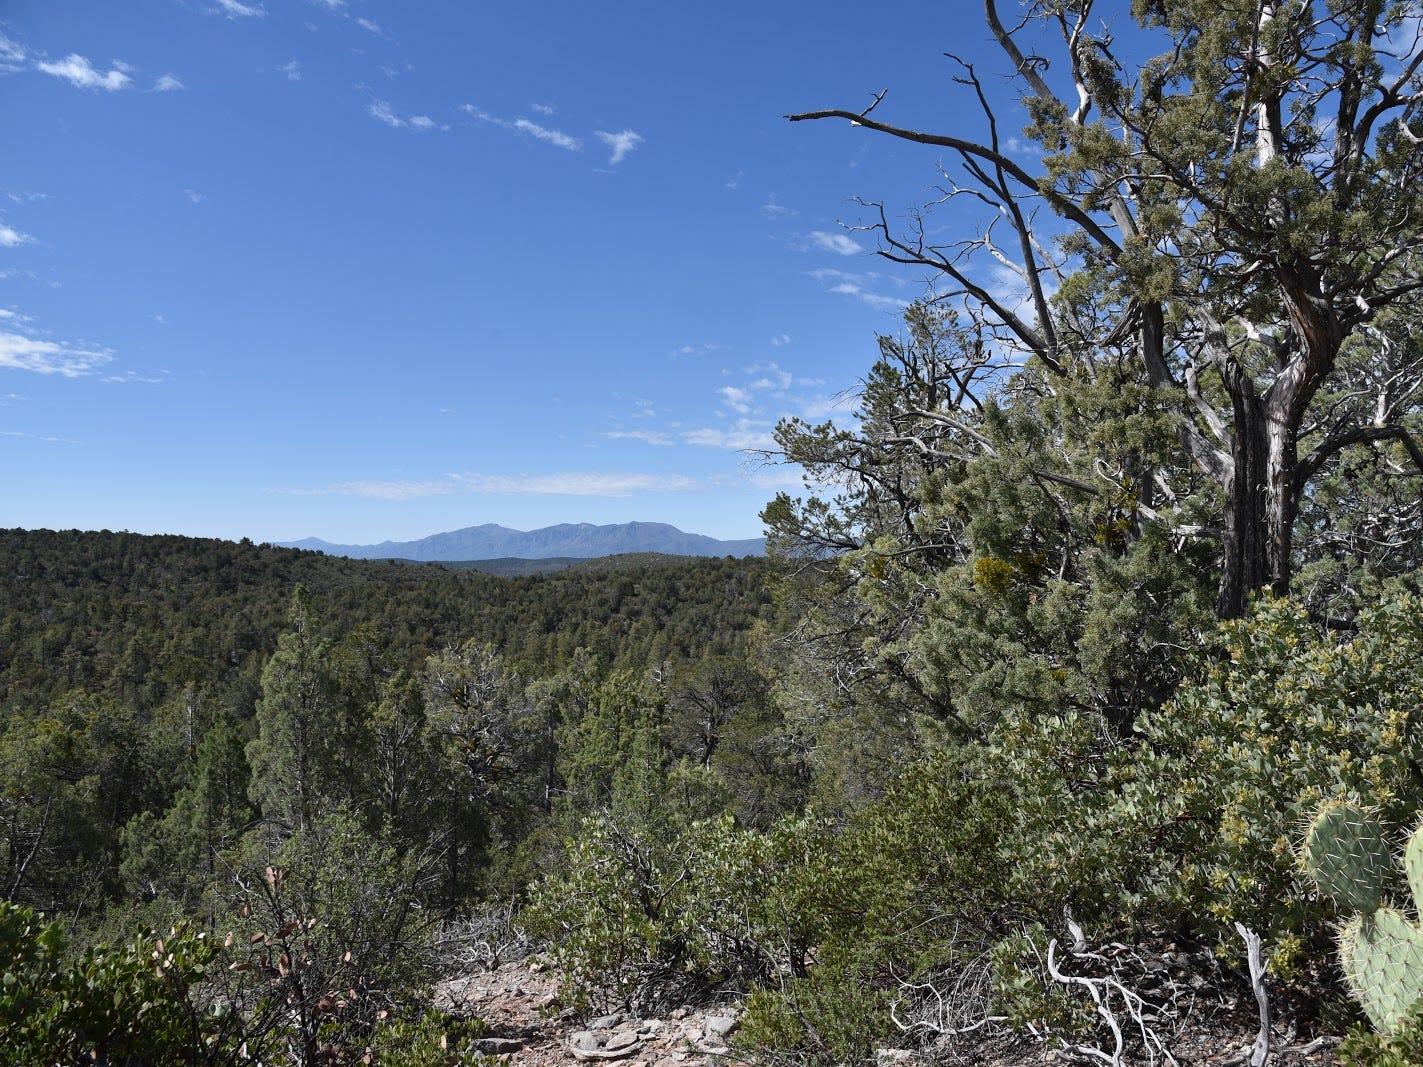 Mazatzal Mountains on the horizon.